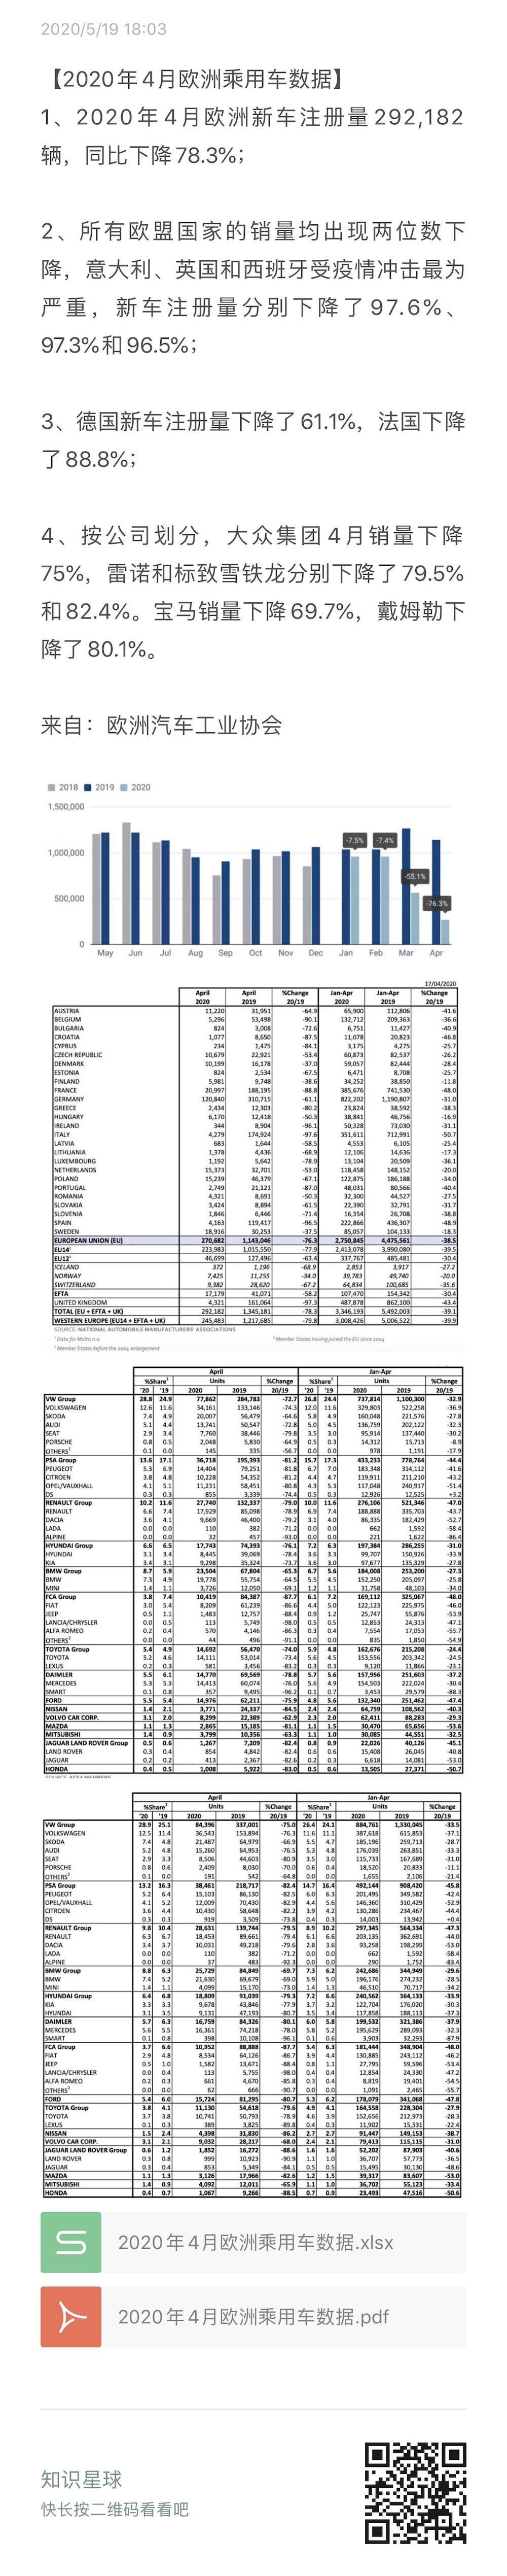 欧洲汽车工业协会:2020年4月欧洲新车注册量29.2万辆 同比下降78.3%